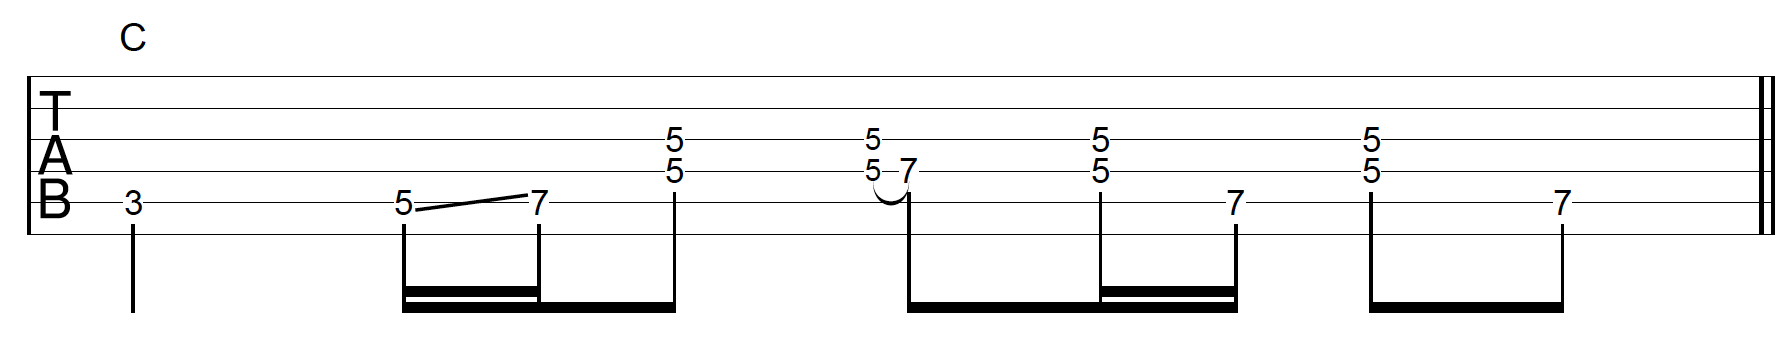 Rhythm Guitar Chord Fill 2